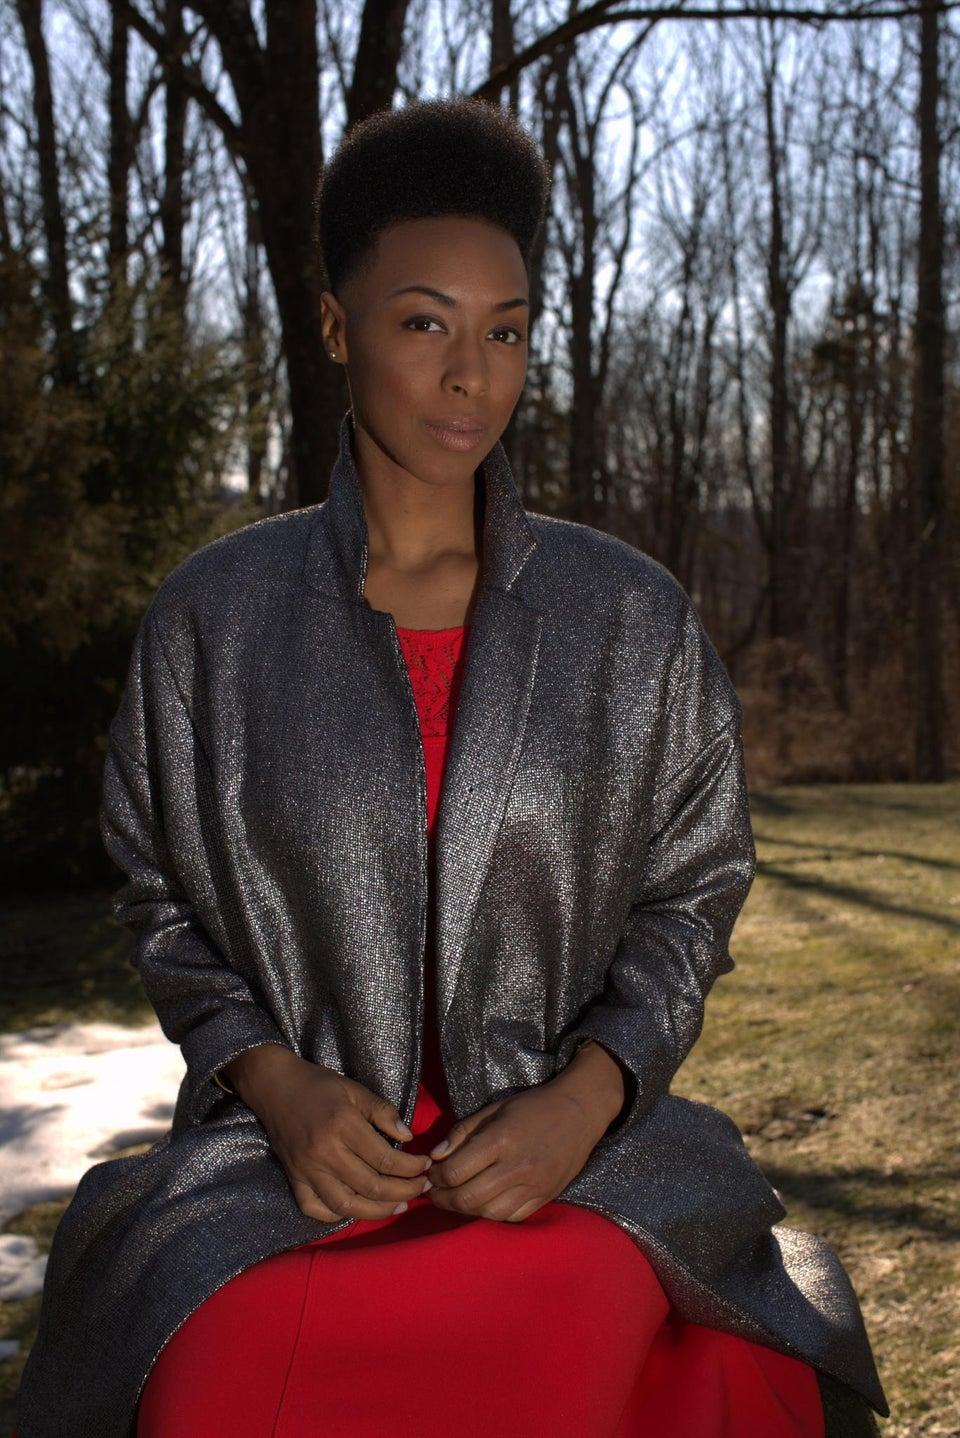 New & Next: Watch Soul Singer Carolyn Malachi's Short Film, 'Runaway'